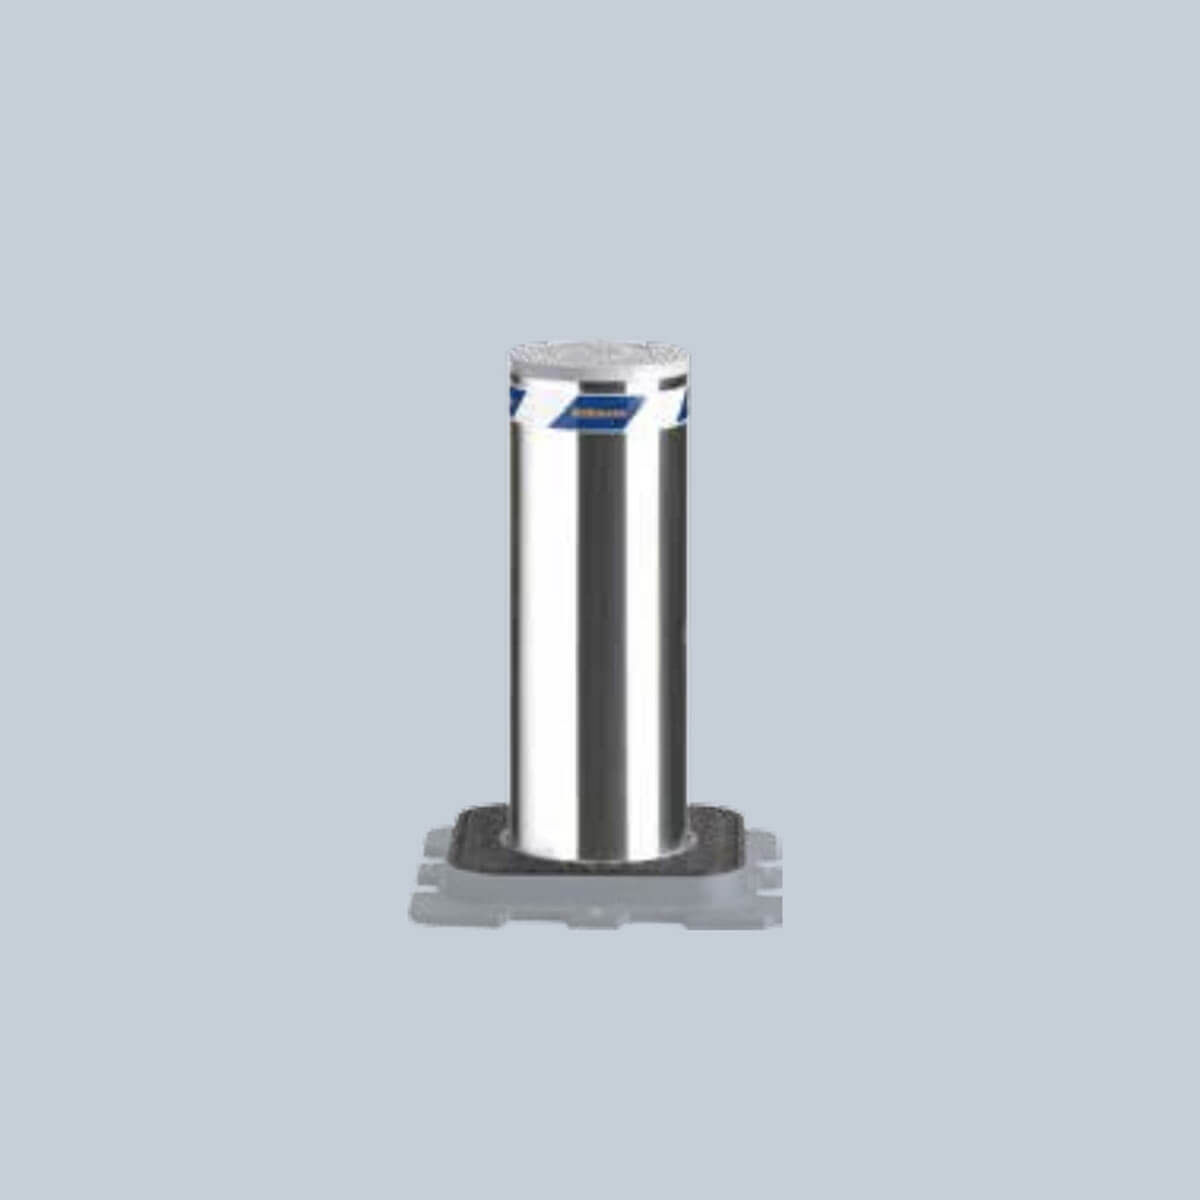 Hormann-Automatic-Hydraulic-Bollard---A-275-M30-900-H